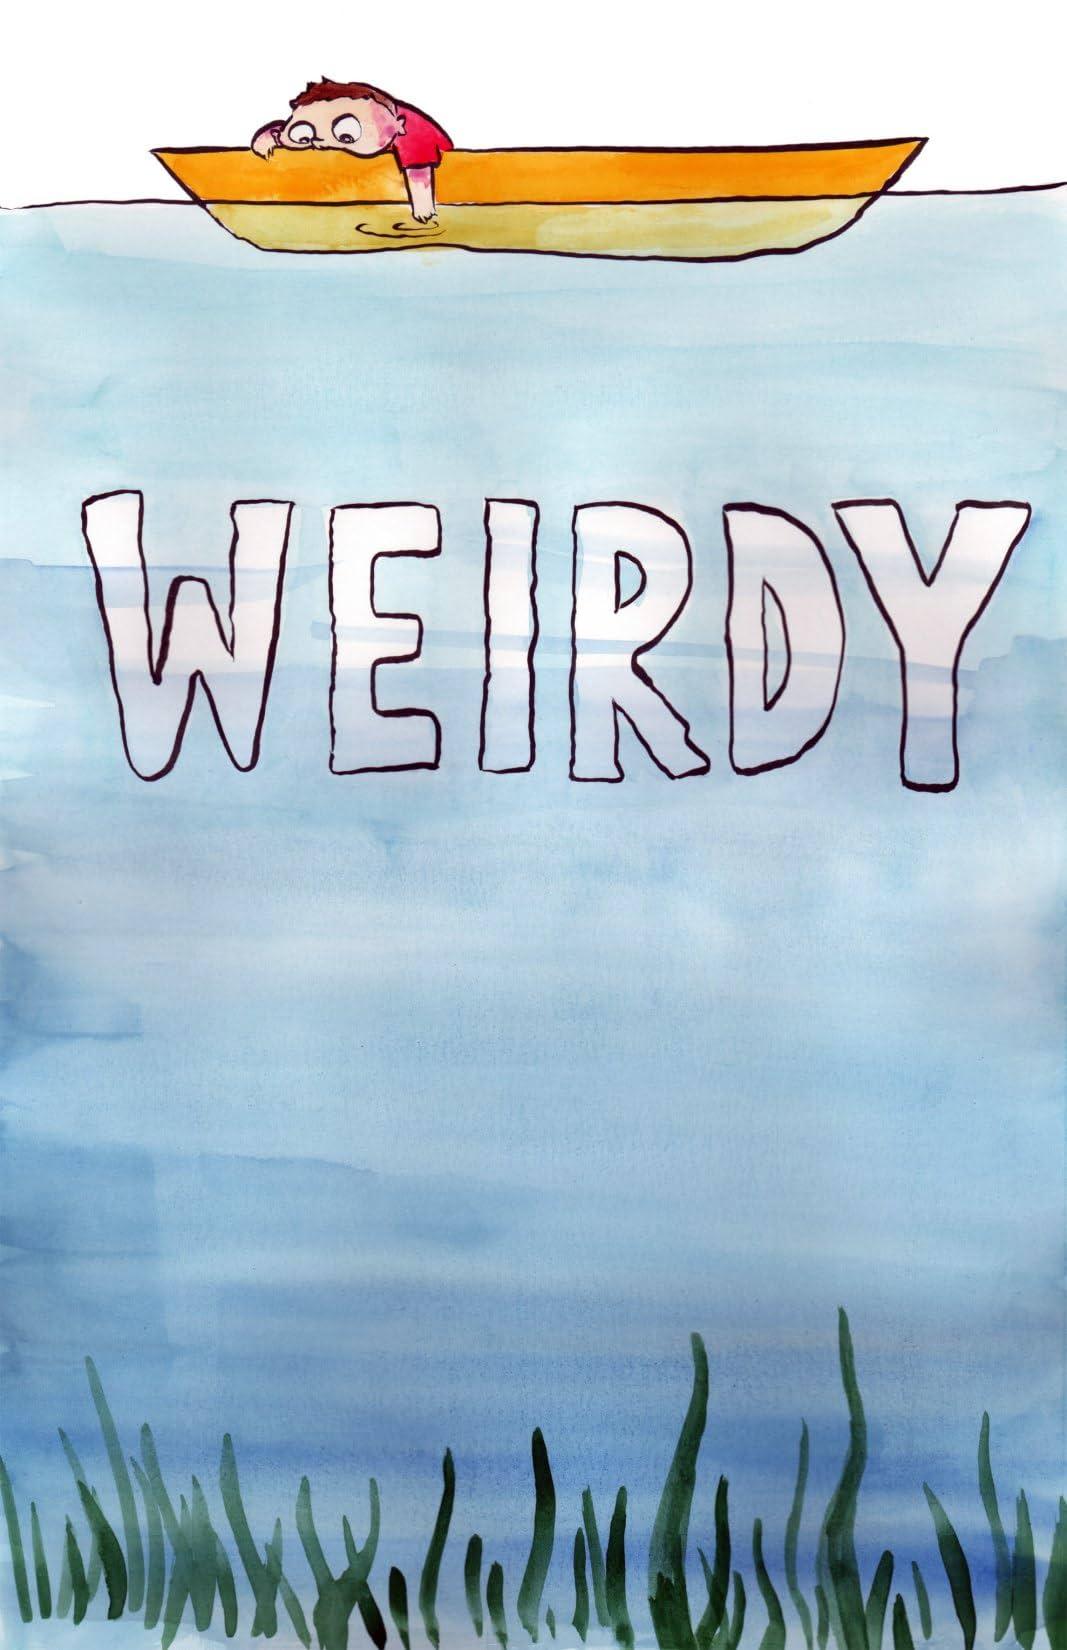 Weirdy